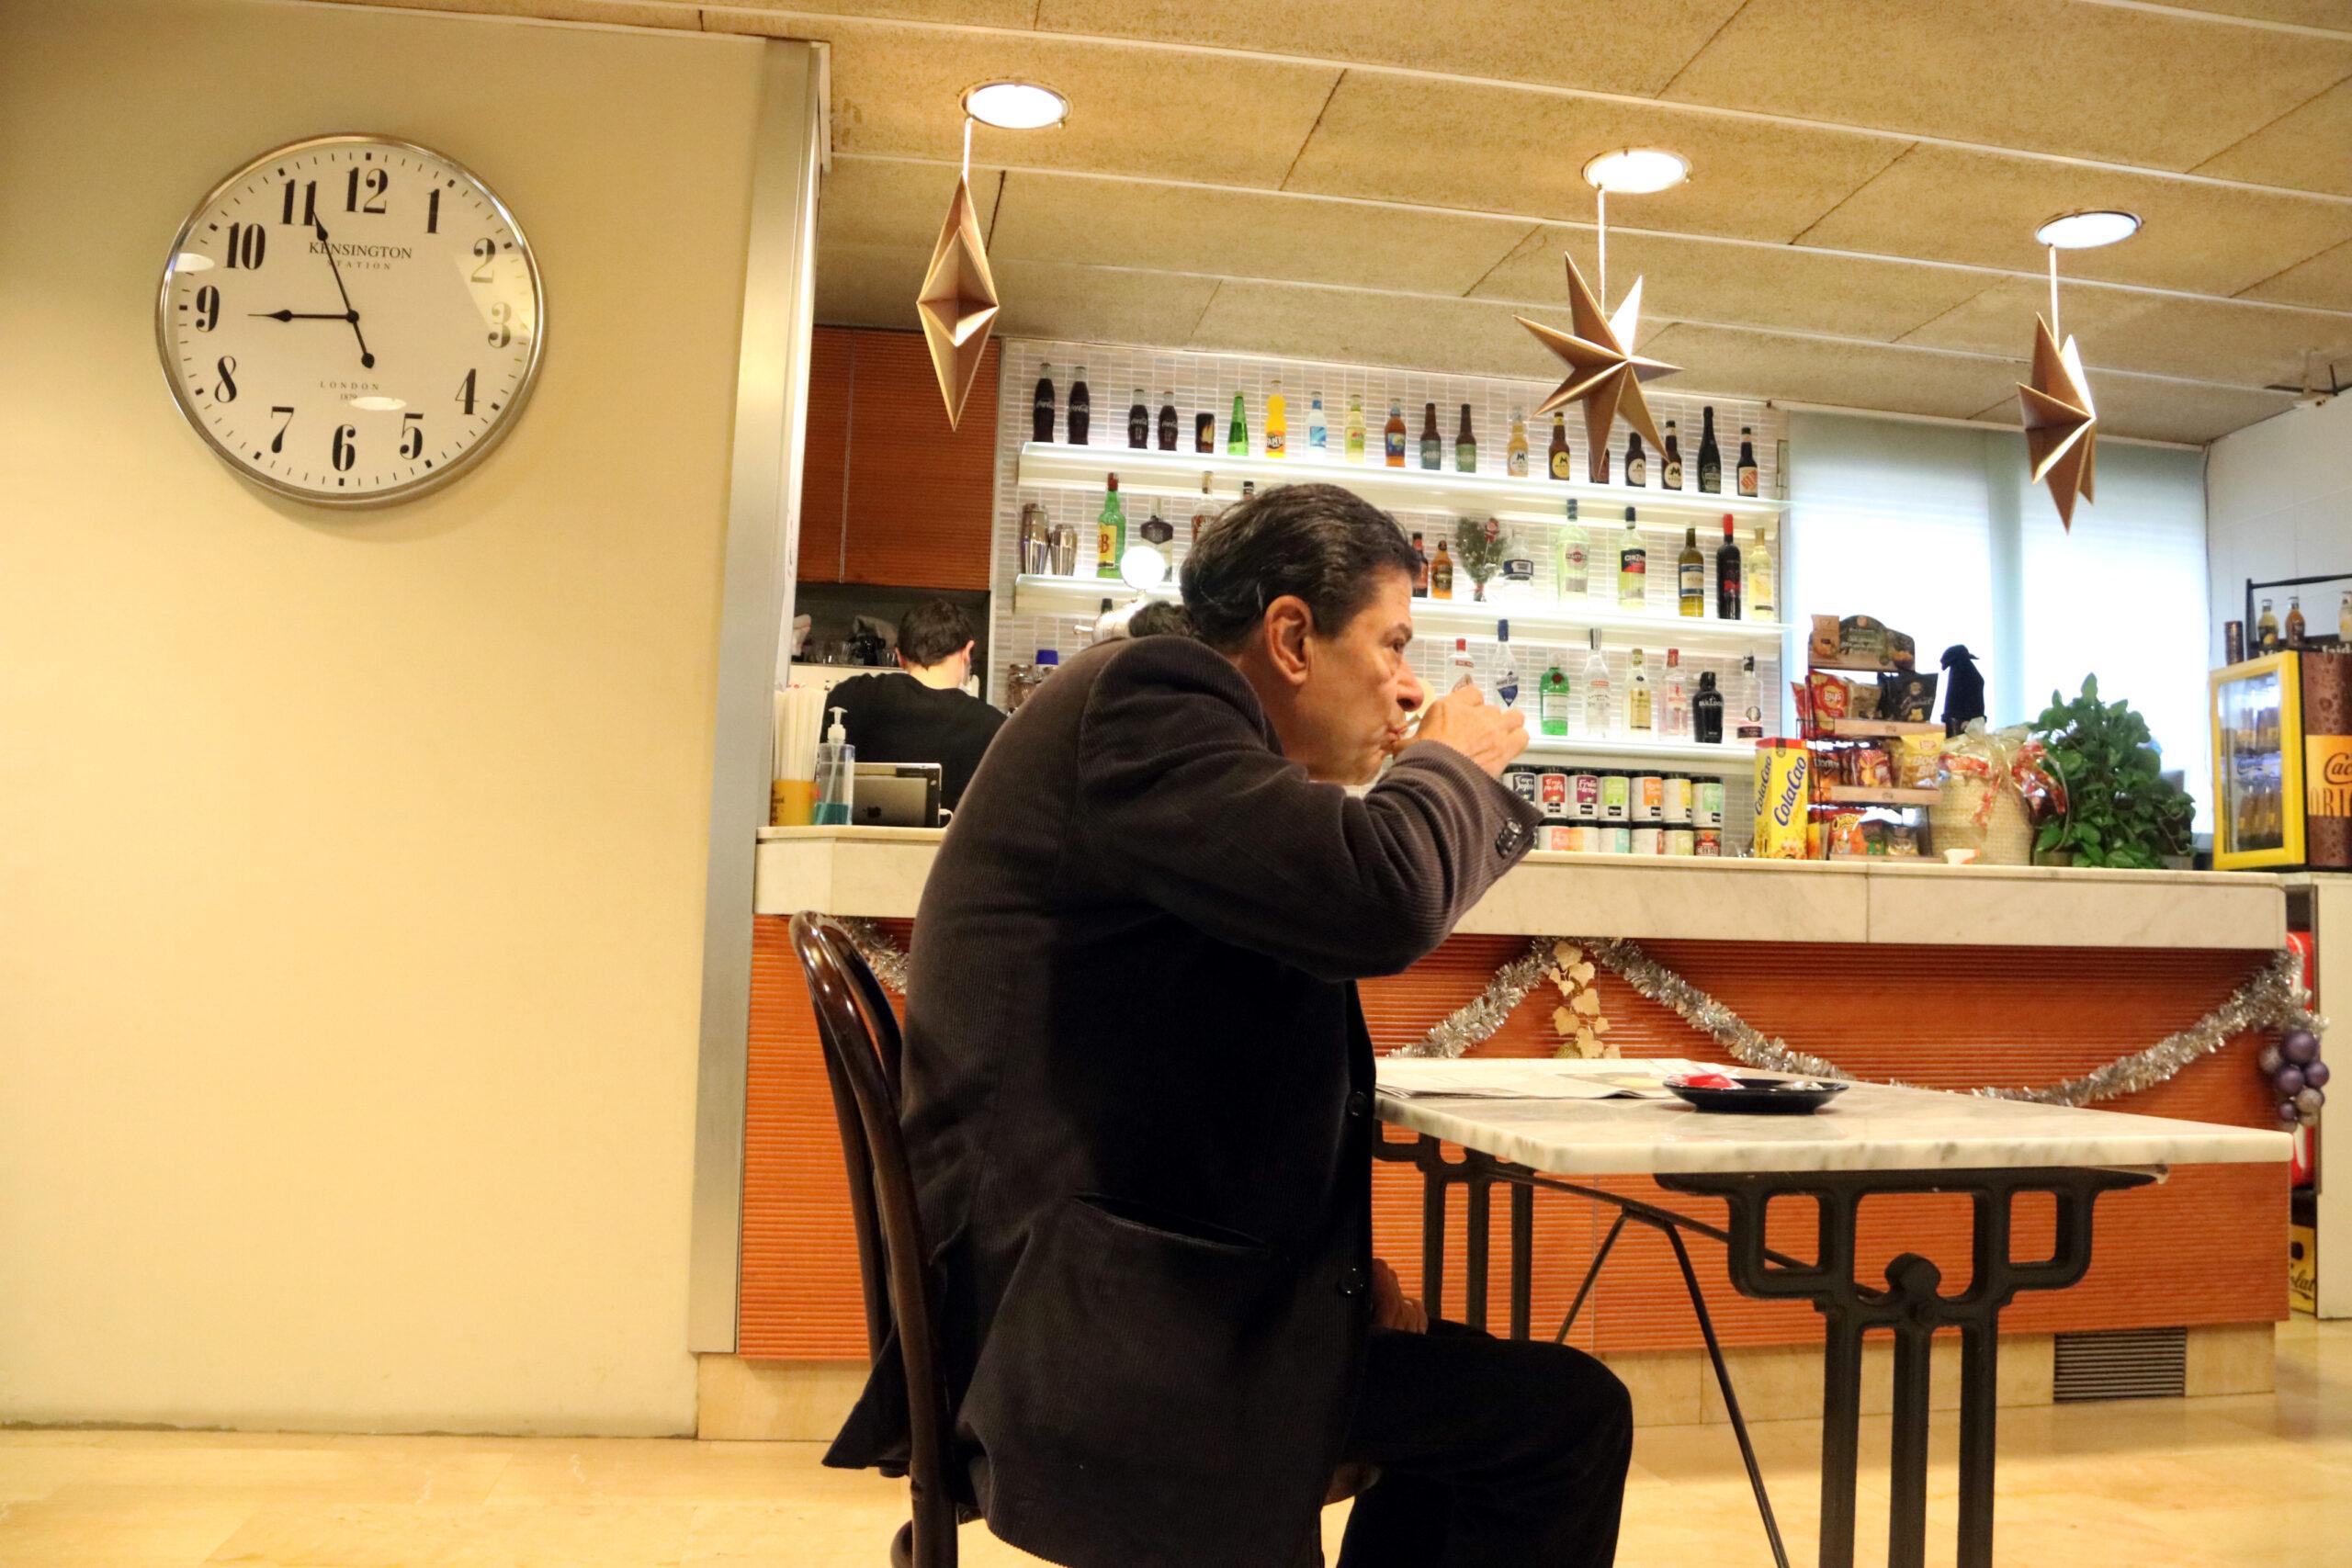 Un home prenent el cafè a la Lluna de Manresa dins l'horari permès | ACN